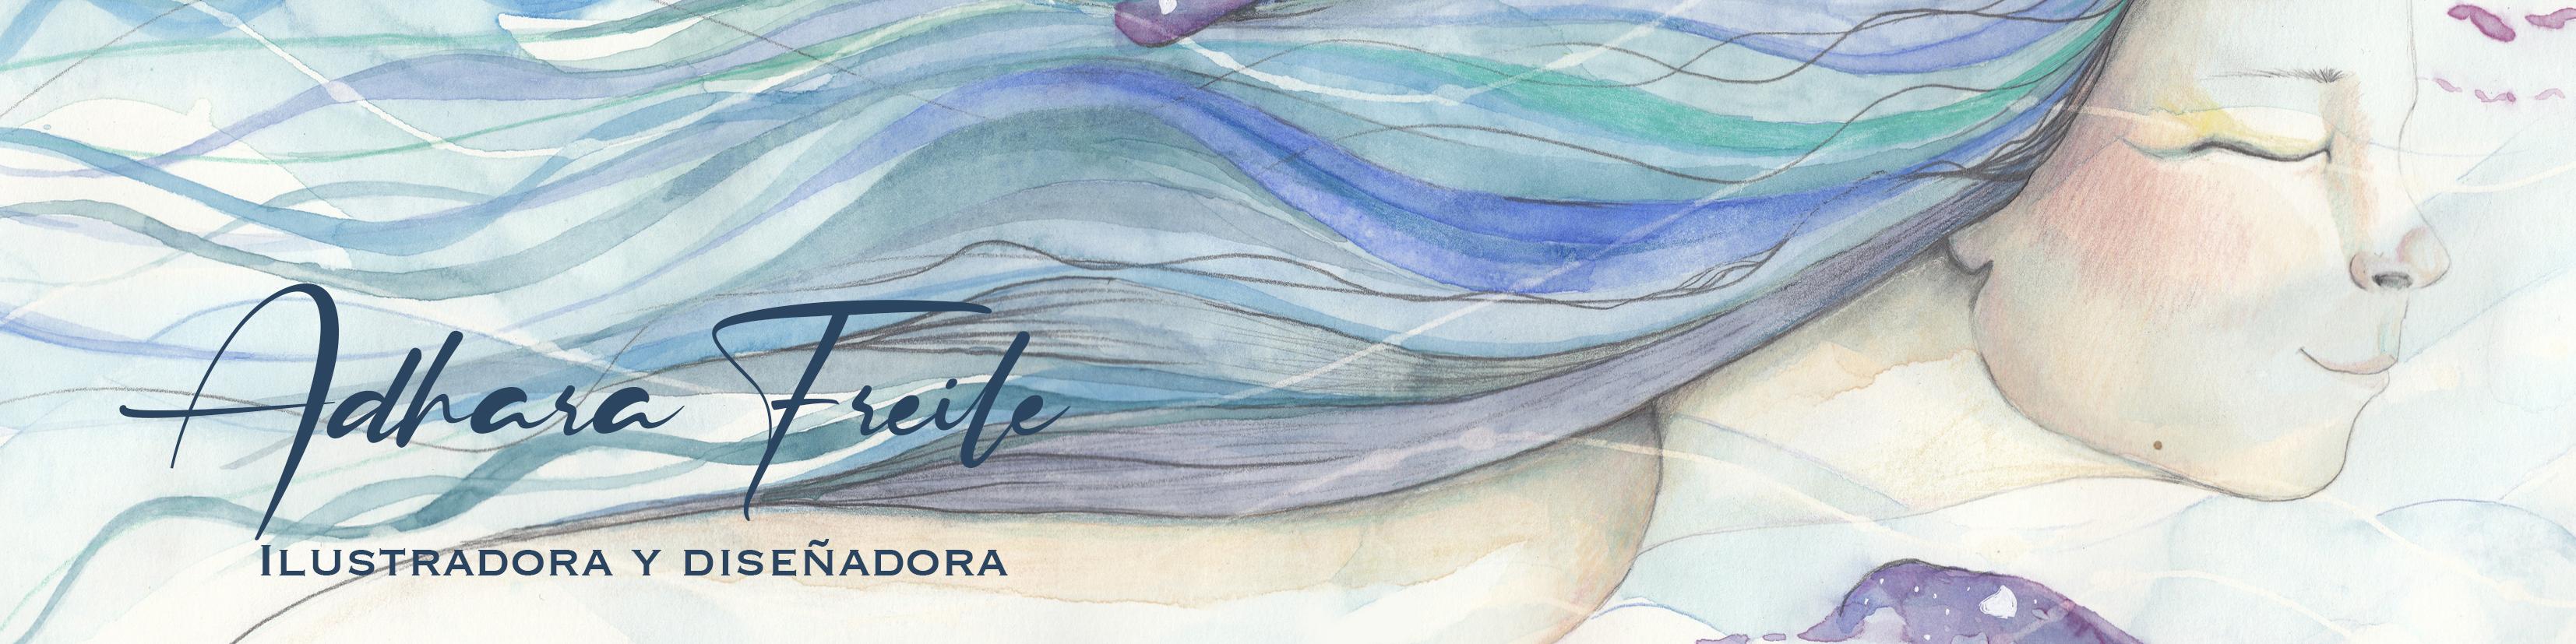 Adhara Freile design